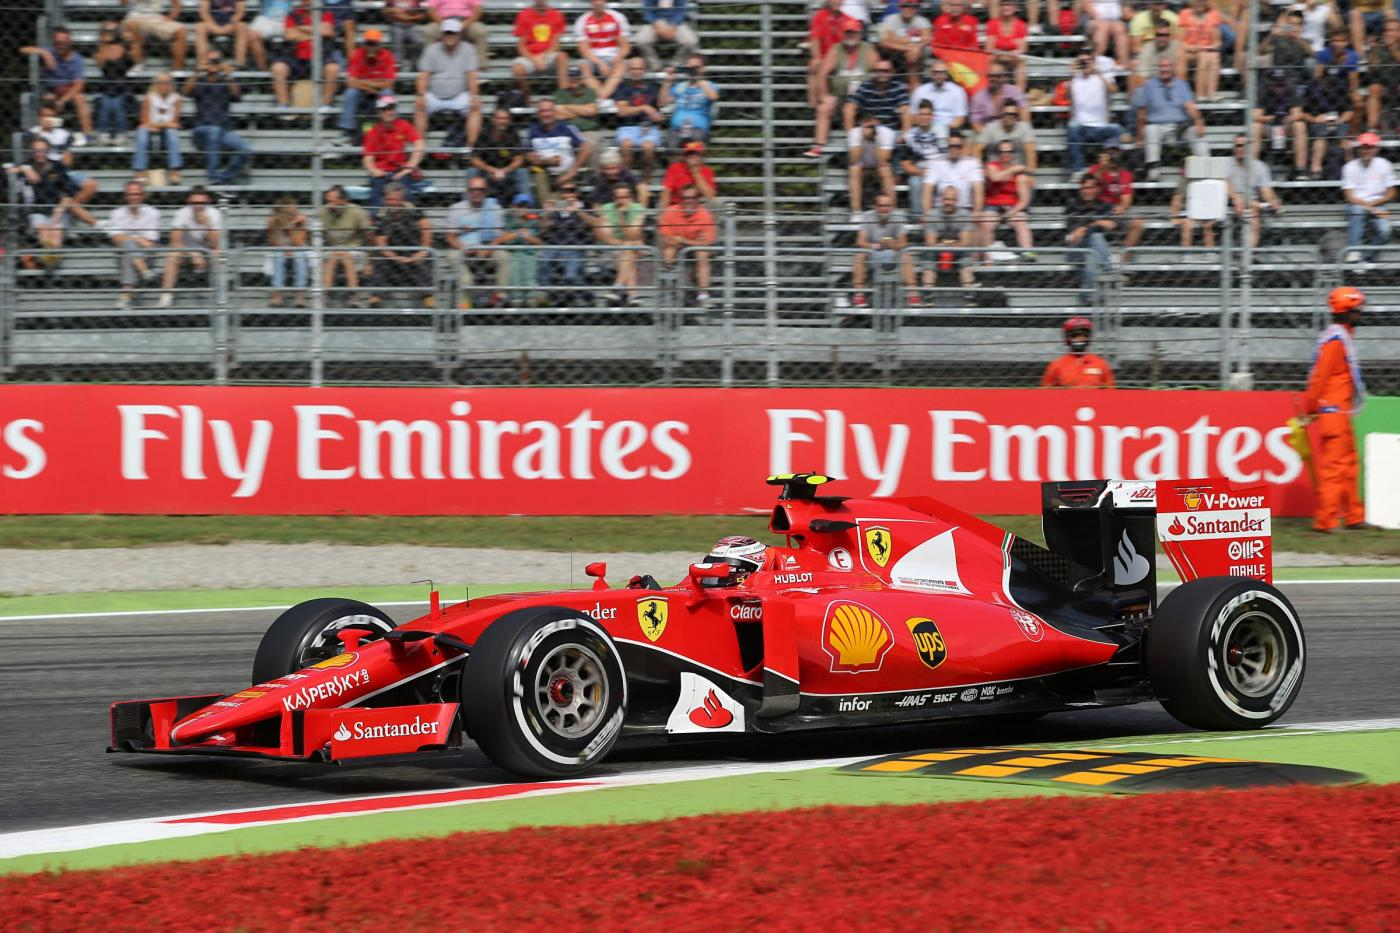 F1 Gp Australia domenica 17 marzo: è il primo Gran Premio della nuova stagione. Riparte il Mondiale, Hamilton e Vettel per il titolo